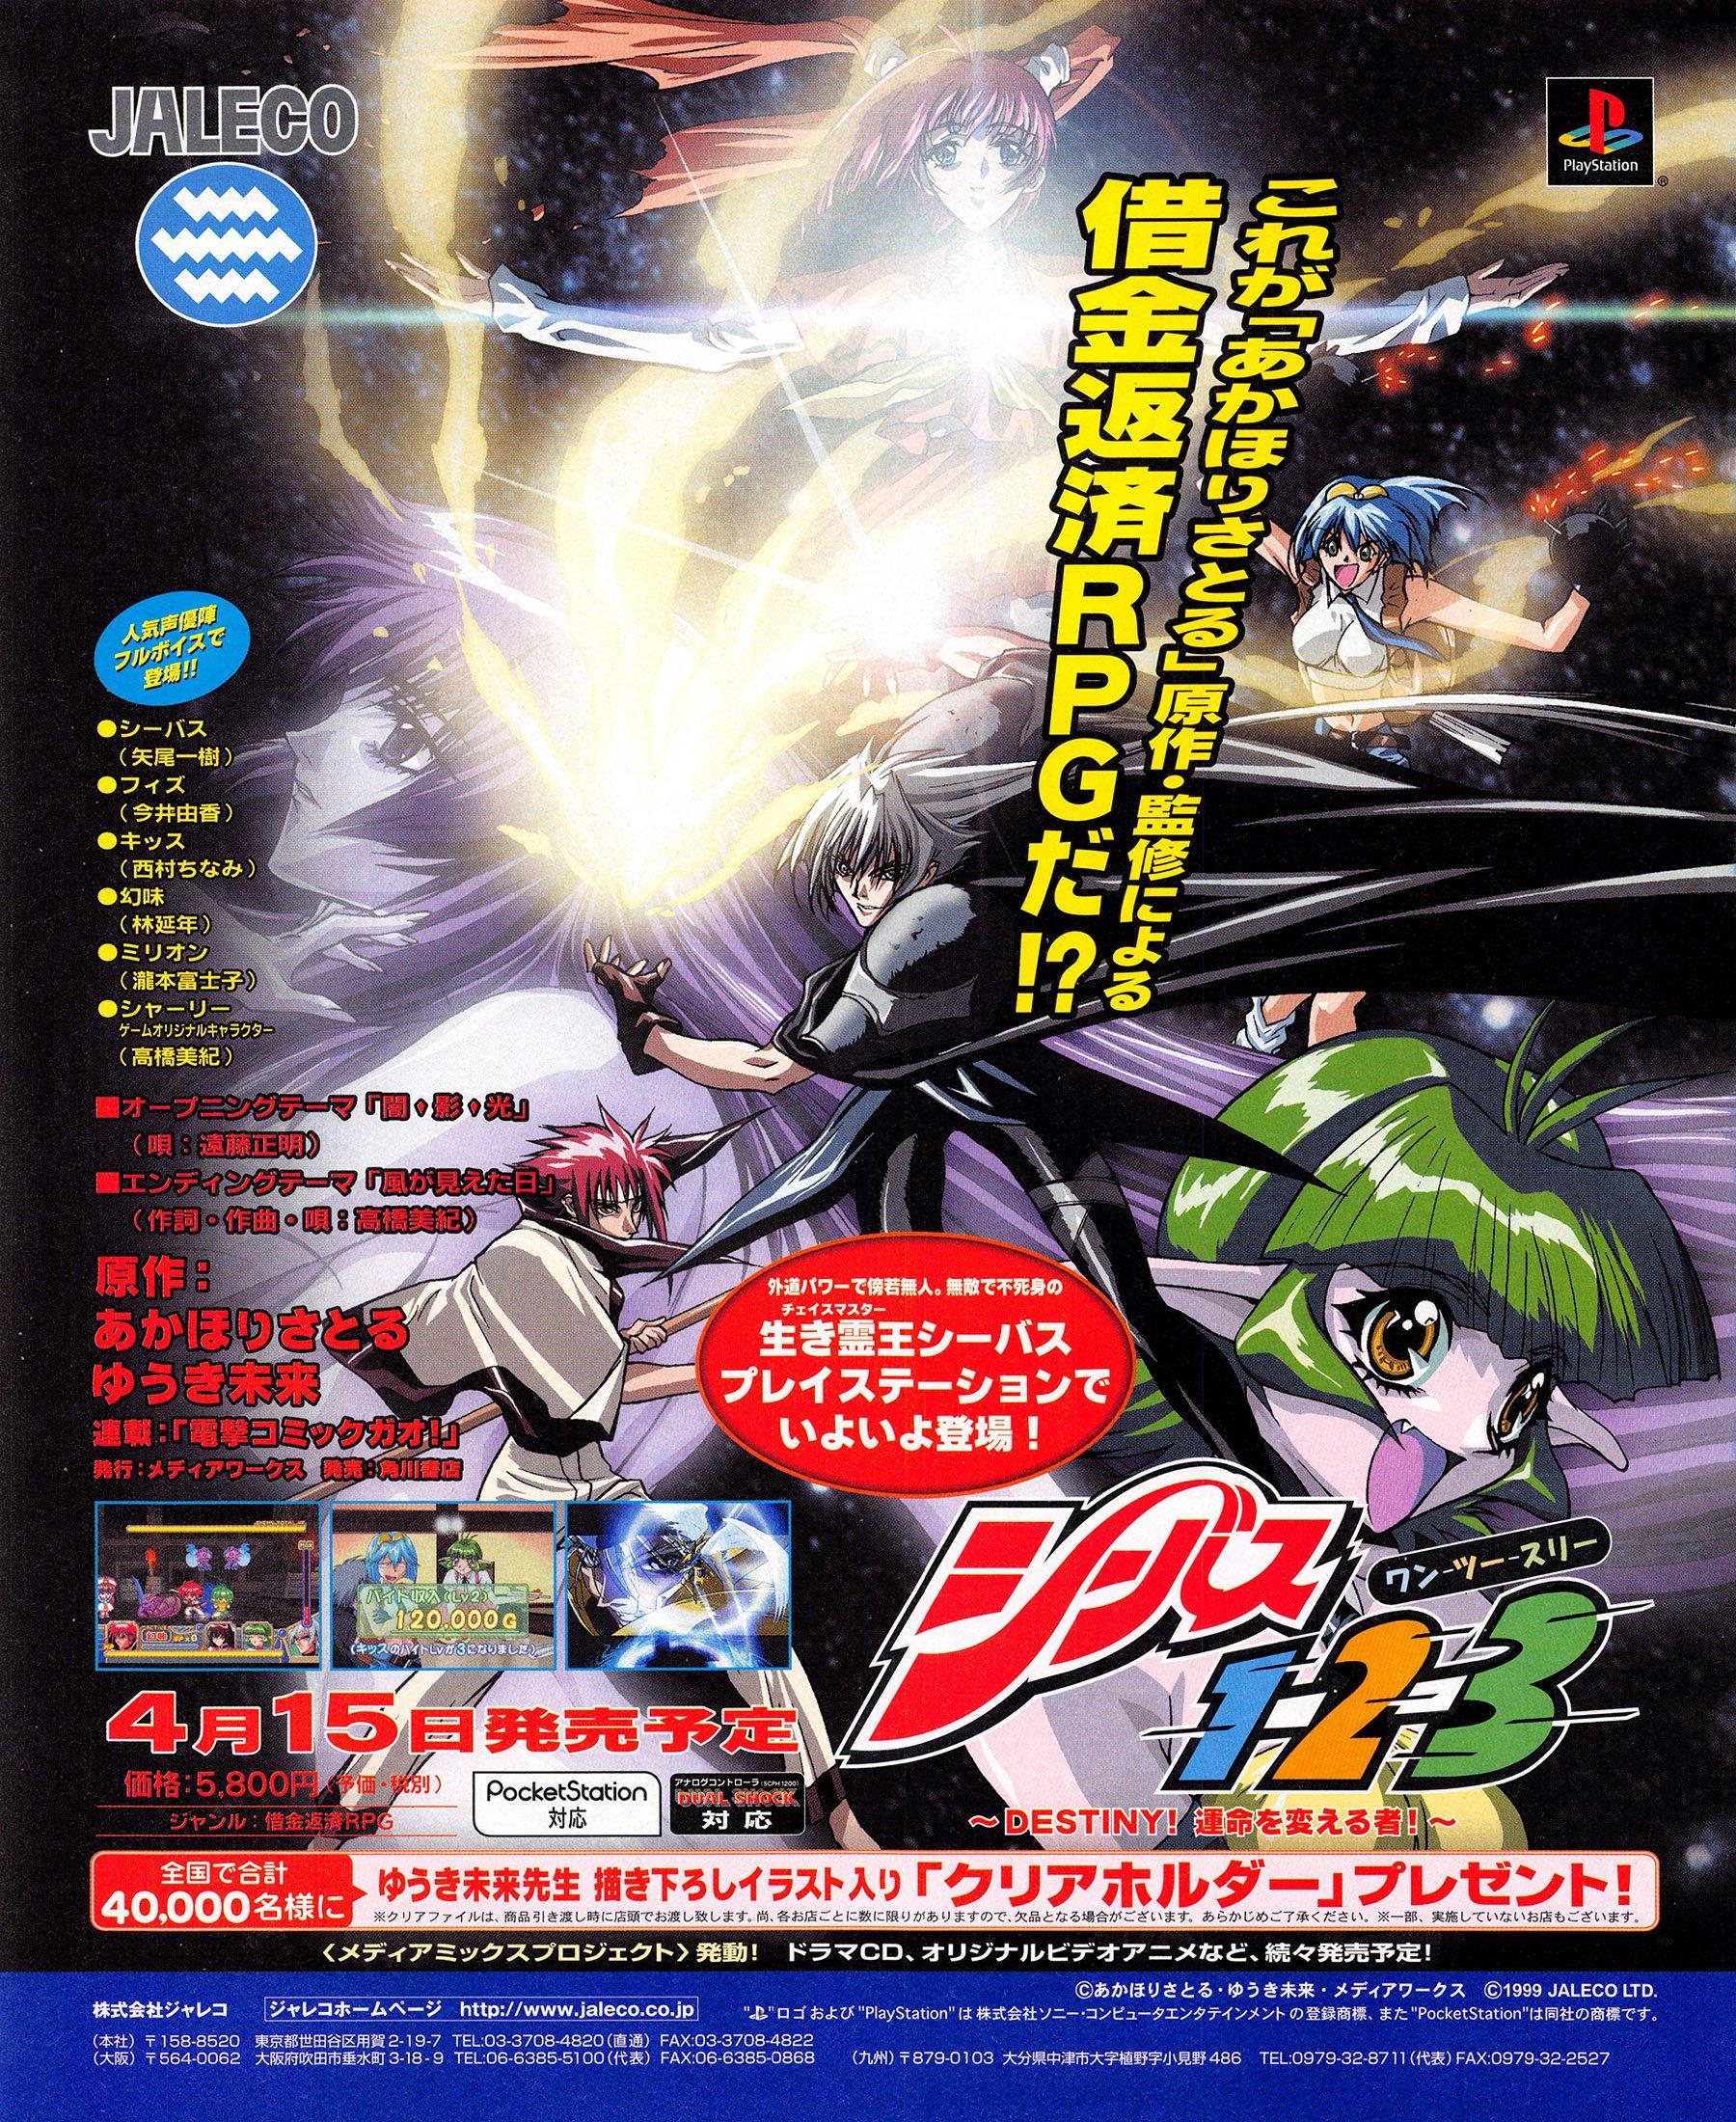 Shibas 1-2-3 (Japan)